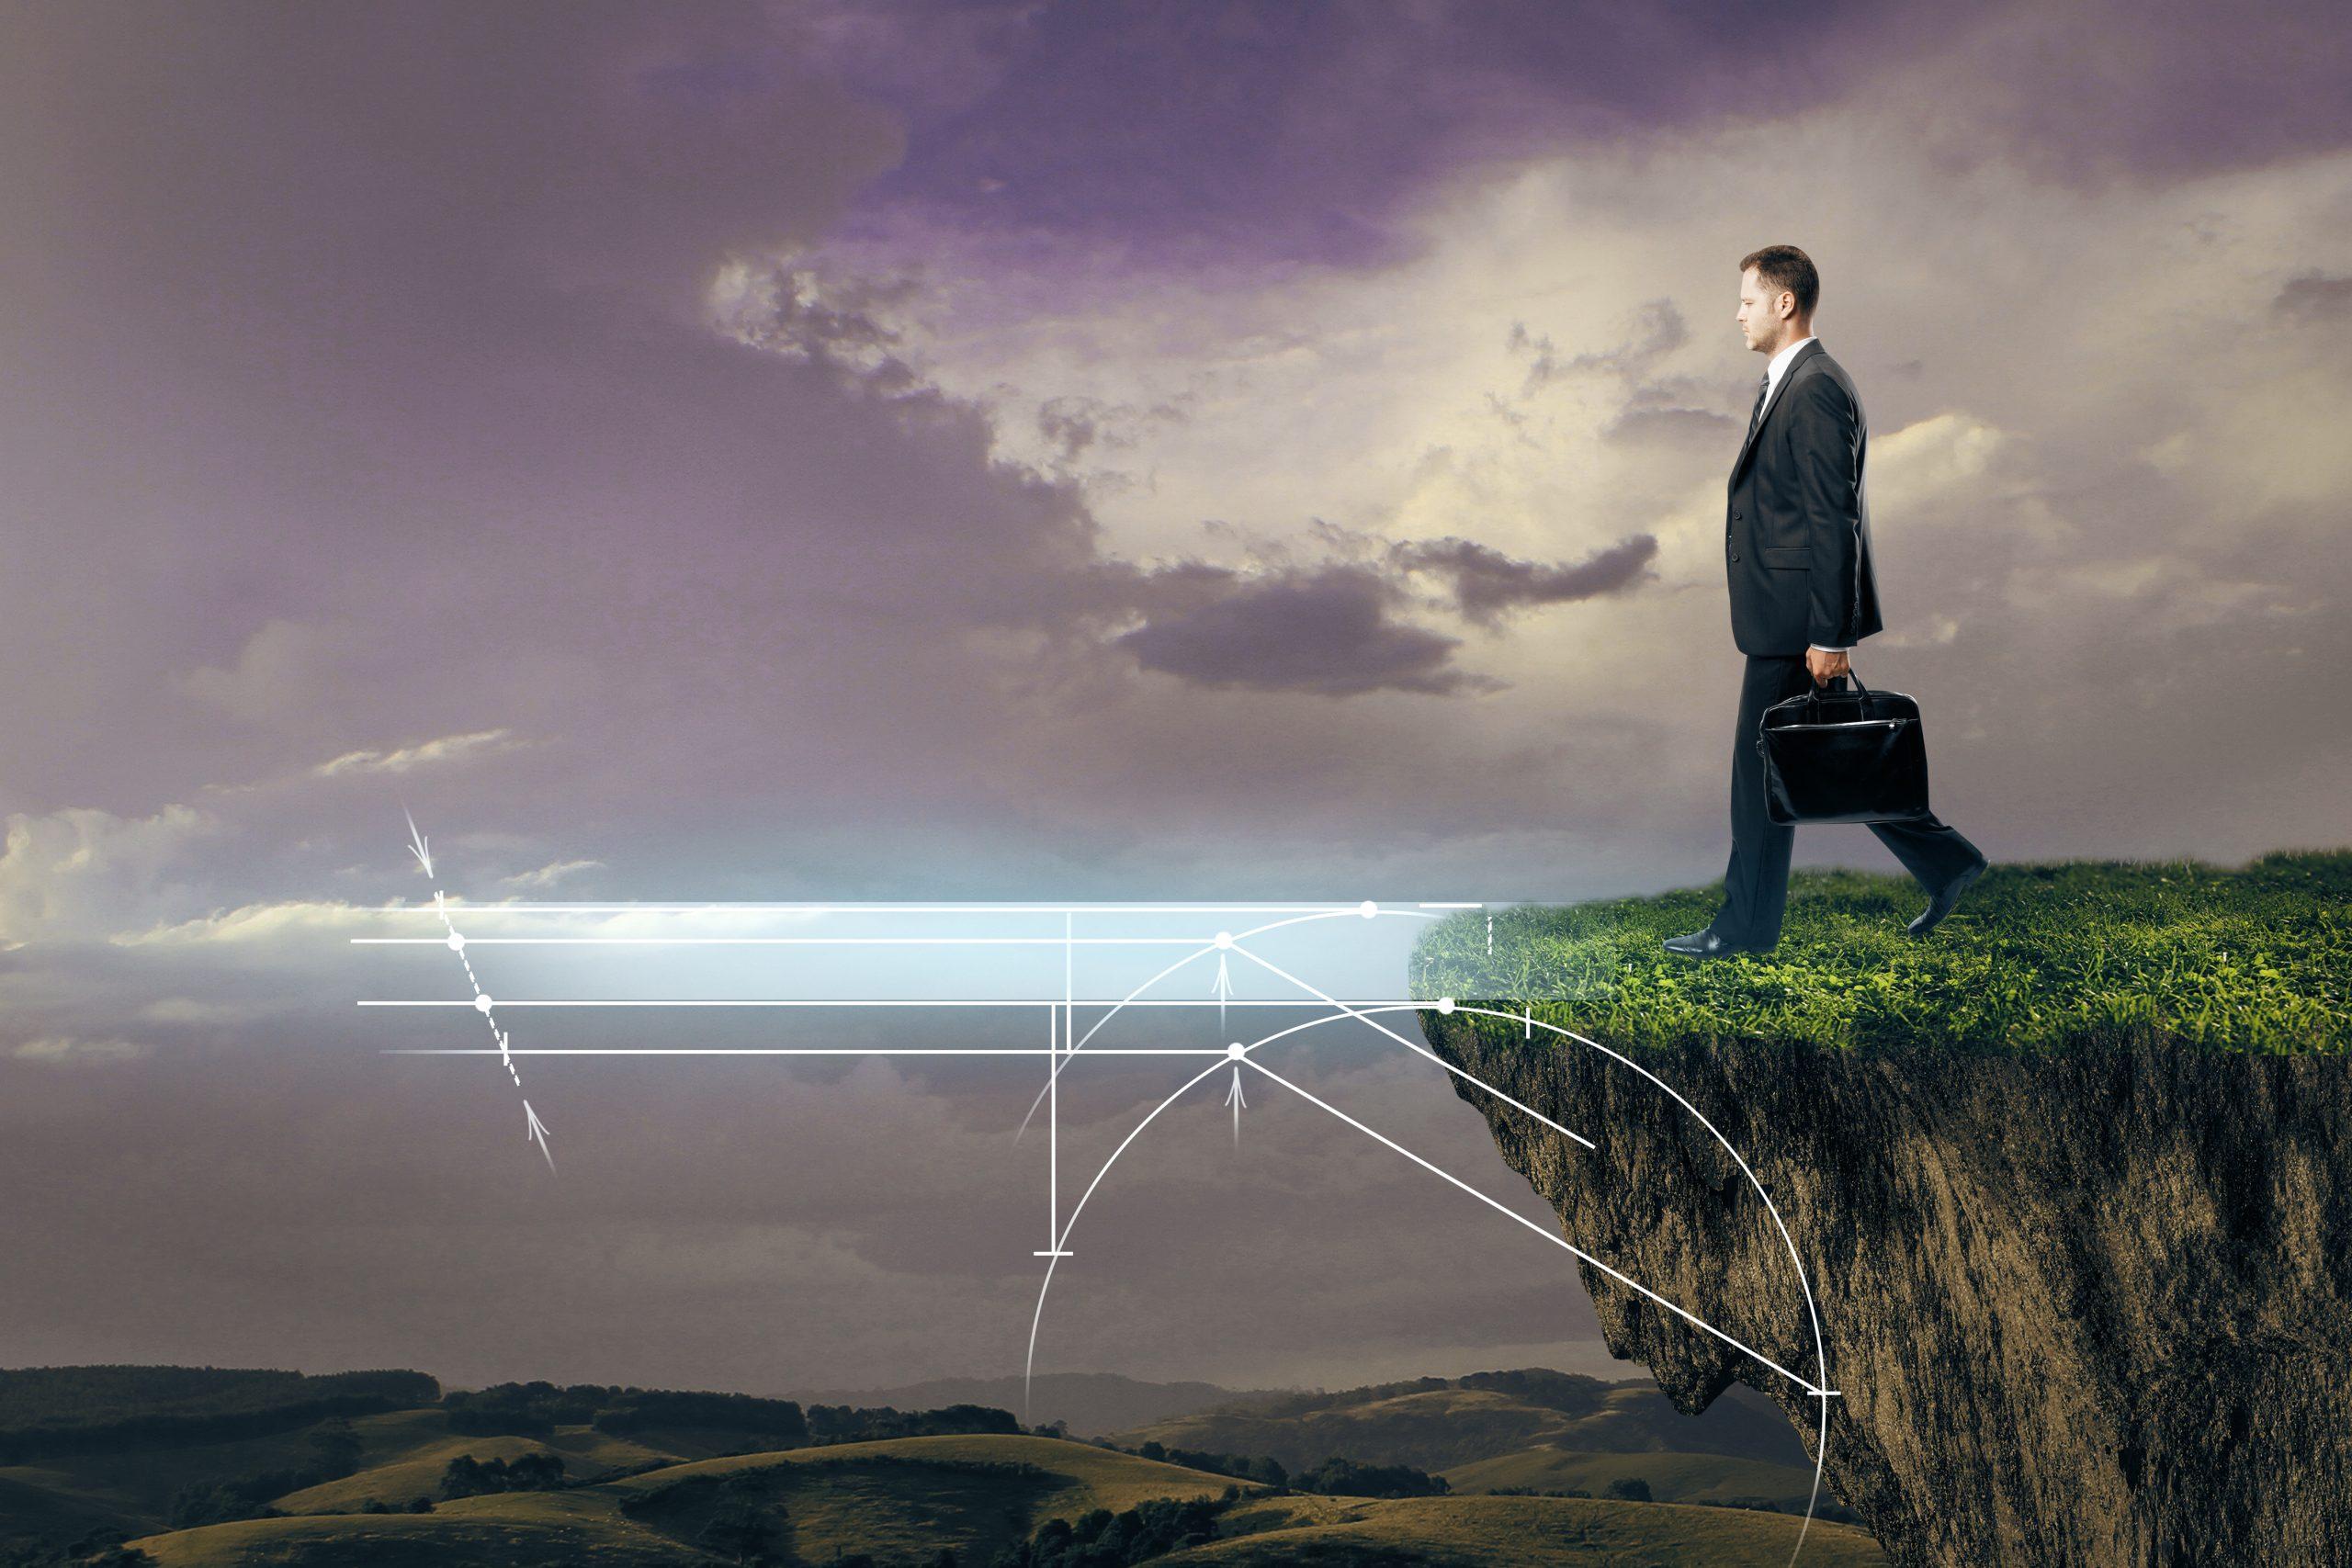 Les chroniques IFRS 17 : notre point de vue sur la mise en œuvre opérationnelle de la norme